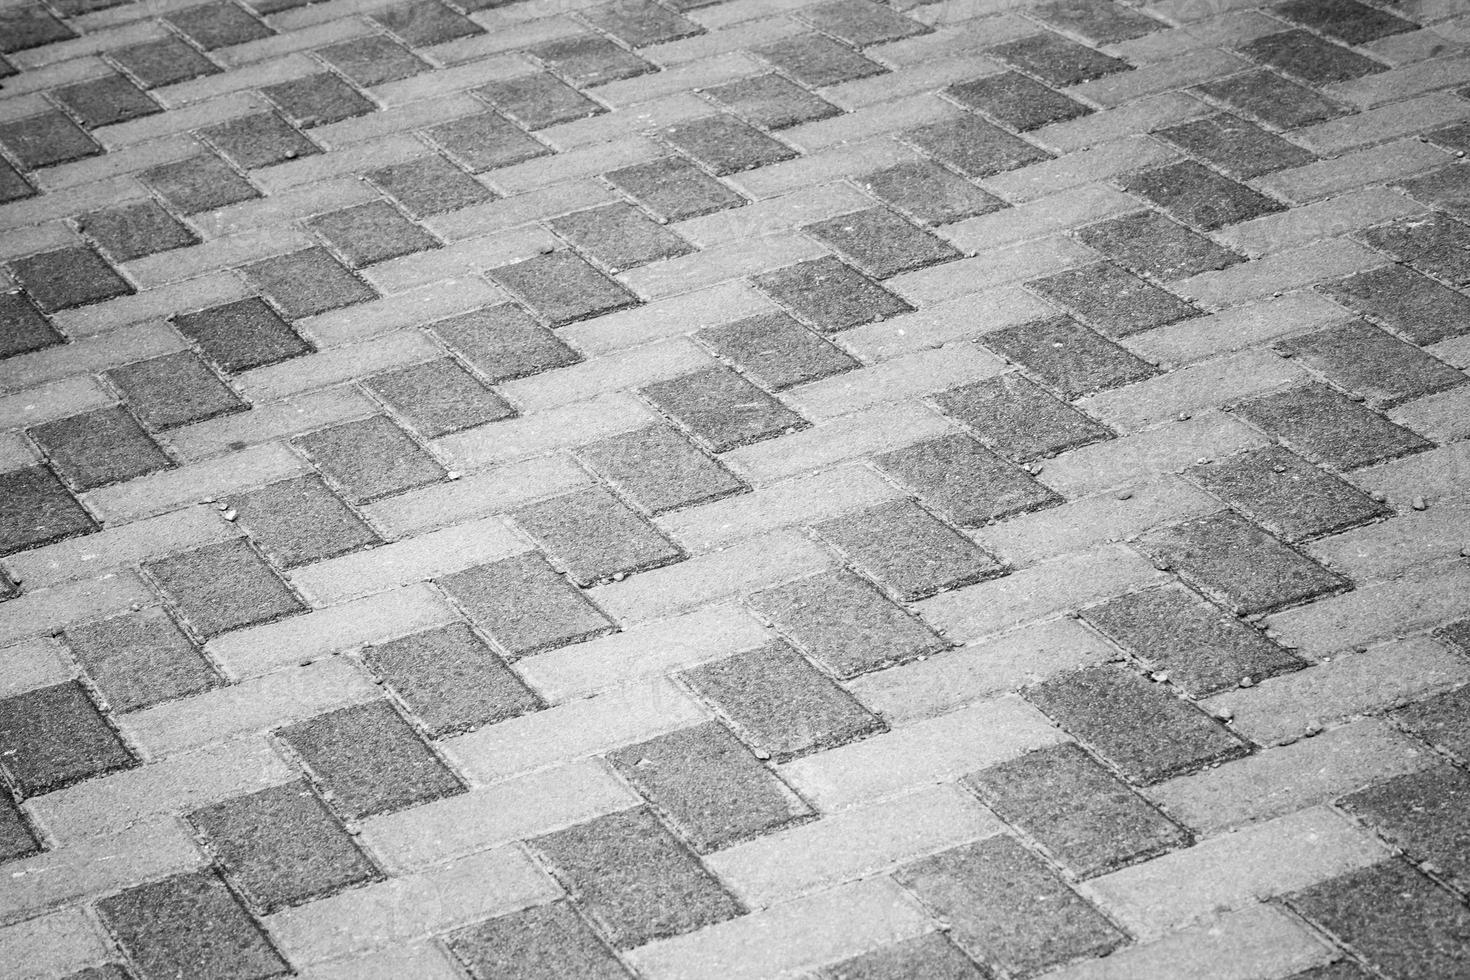 graue städtische Straßenrandpflasterhintergrundfotobeschaffenheit foto